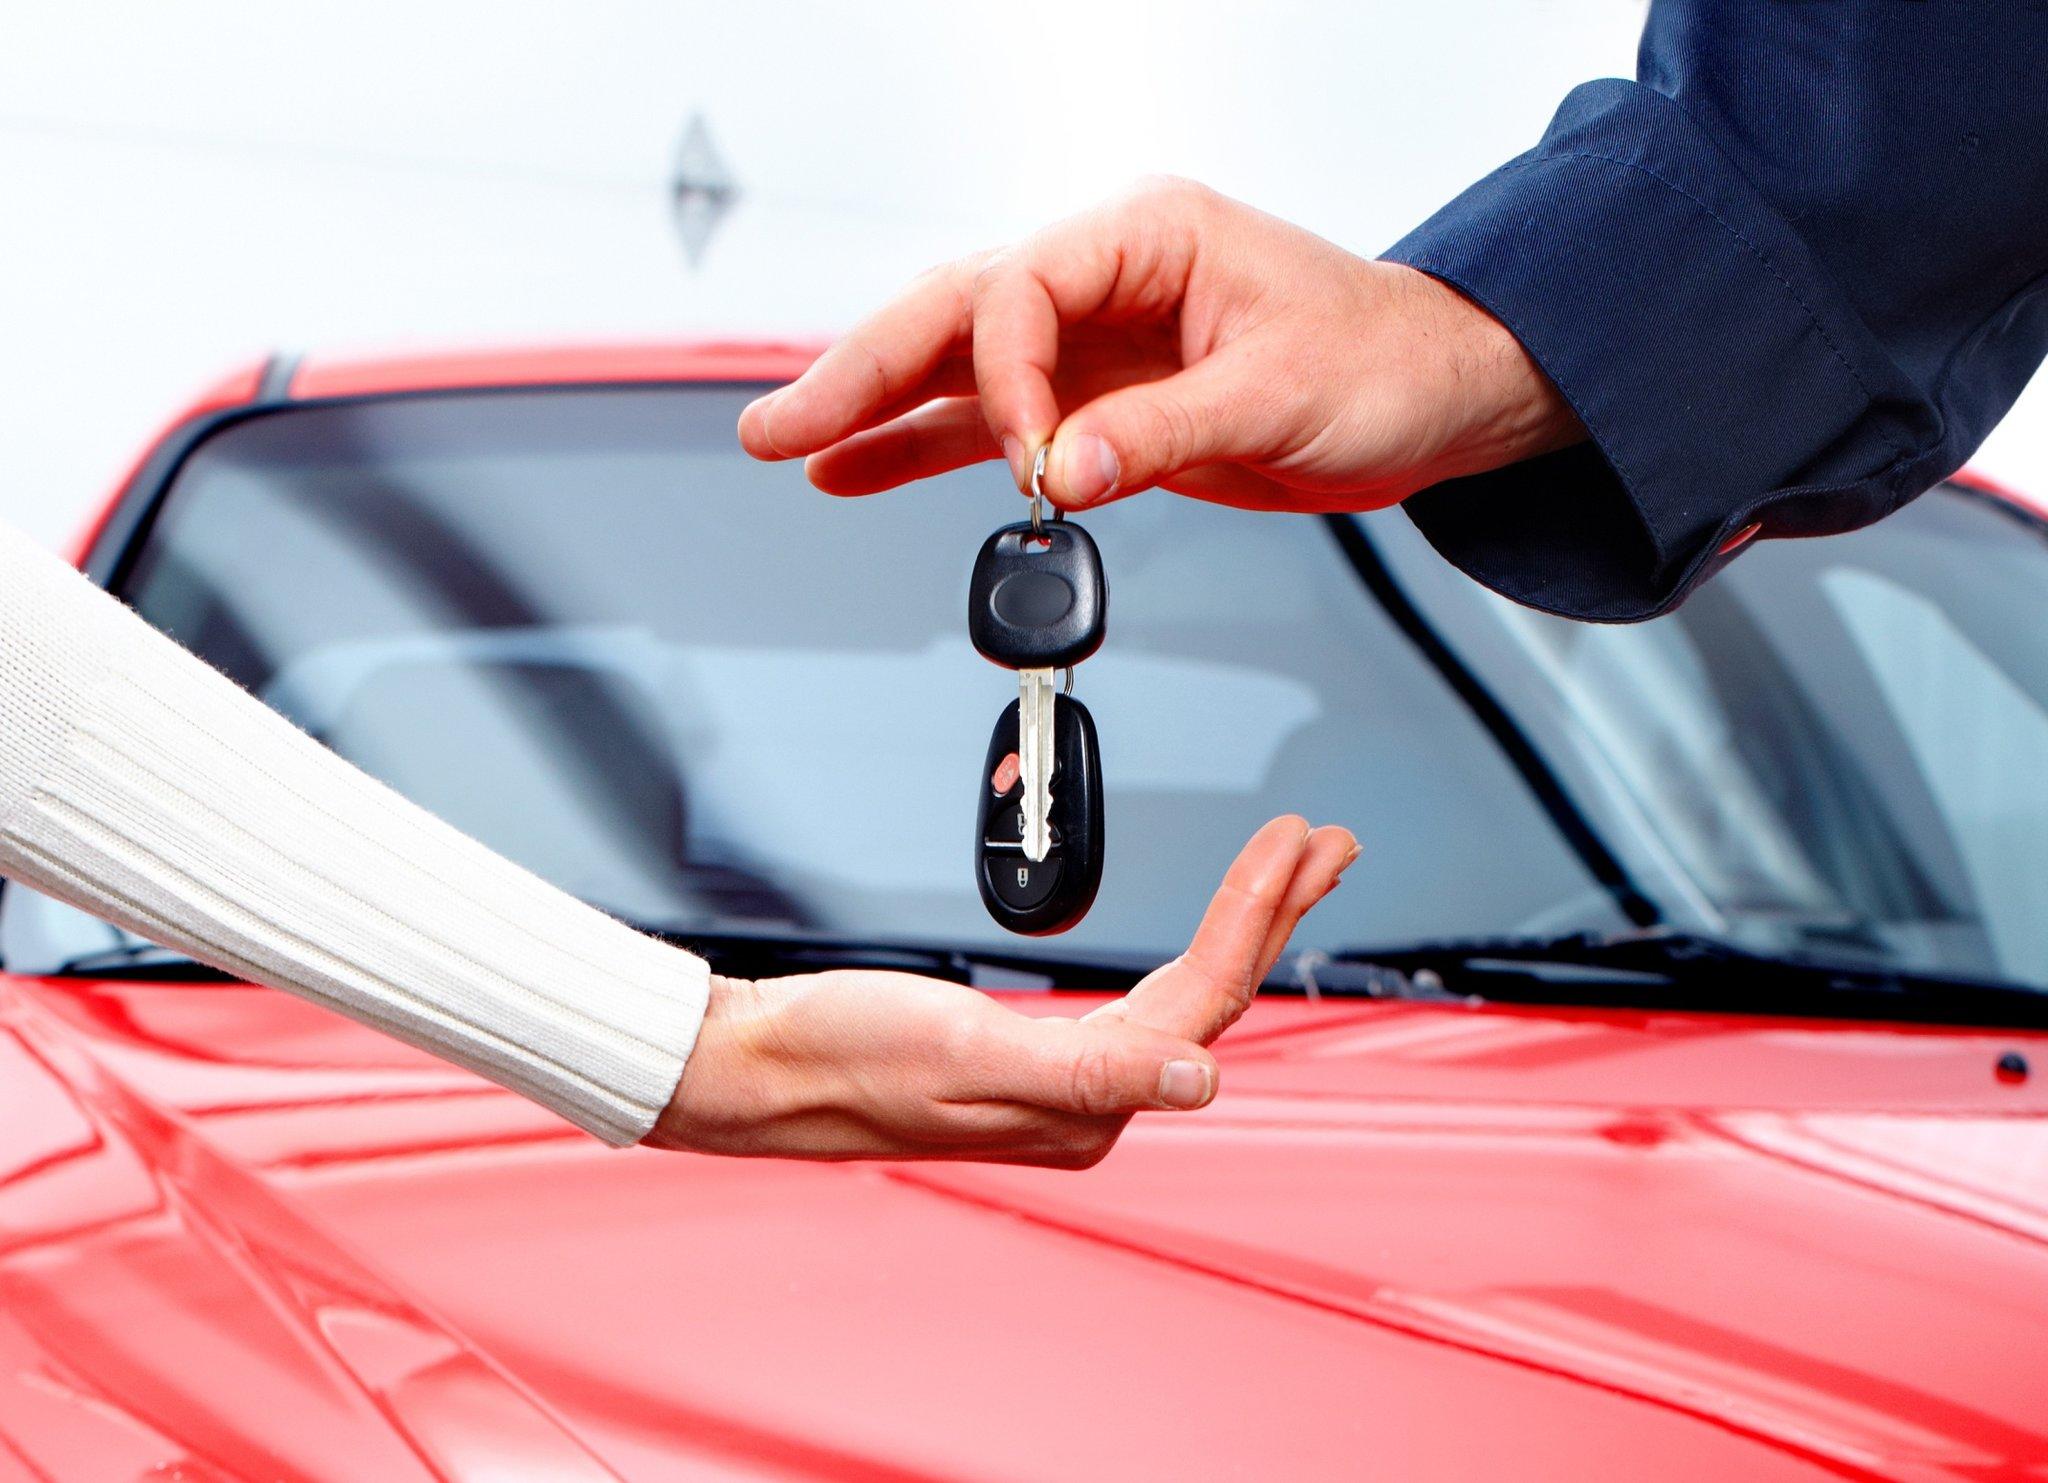 самый выгодный кредит на автомобиль в беларуси